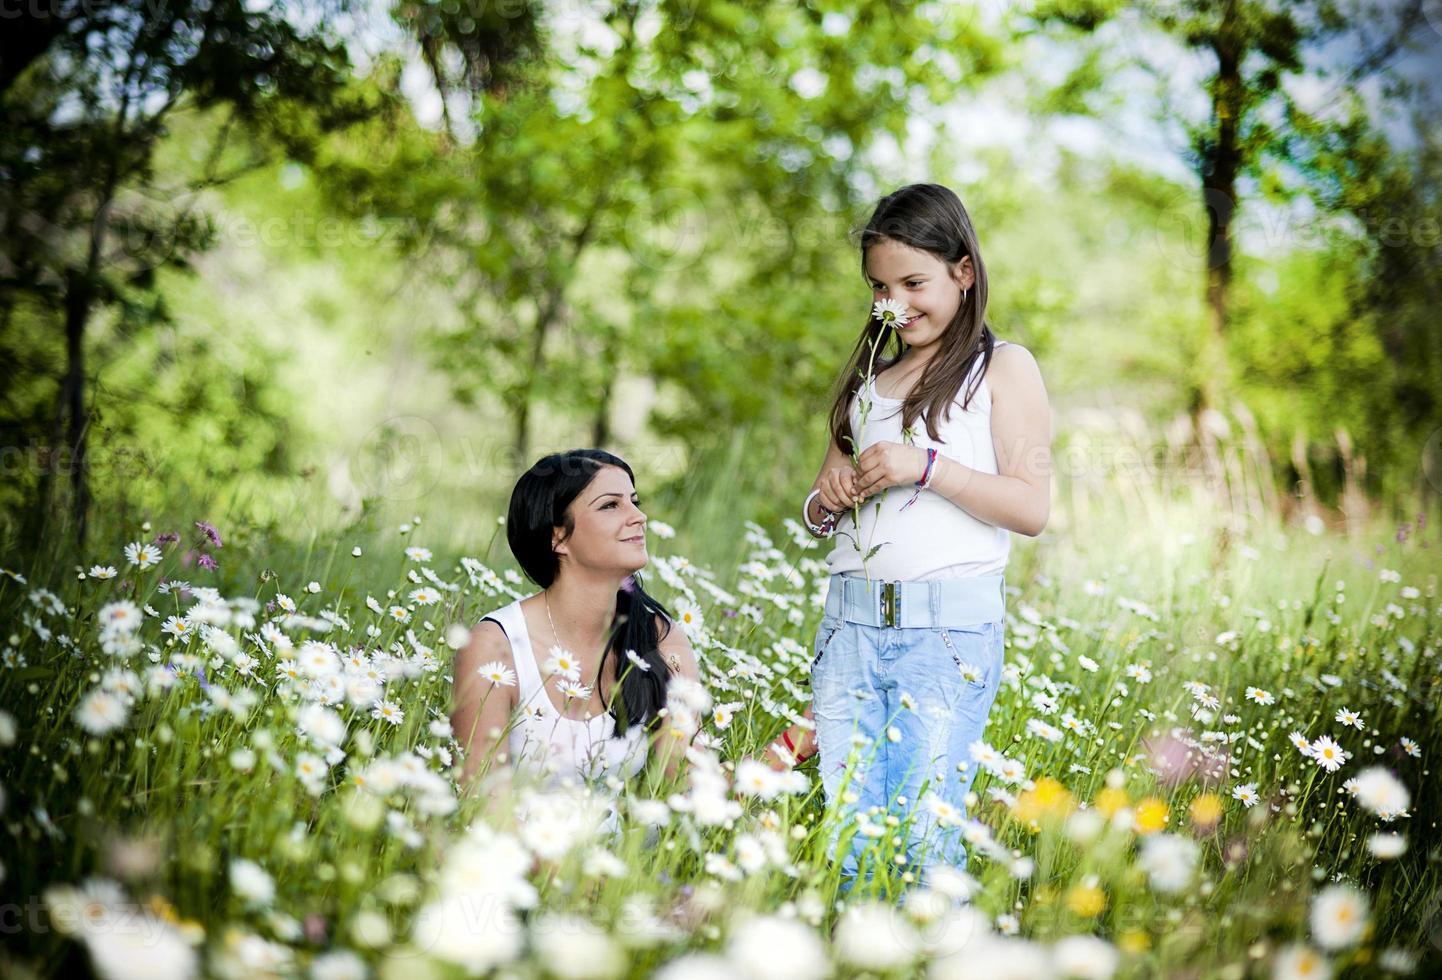 mère et fille dans le parc photo